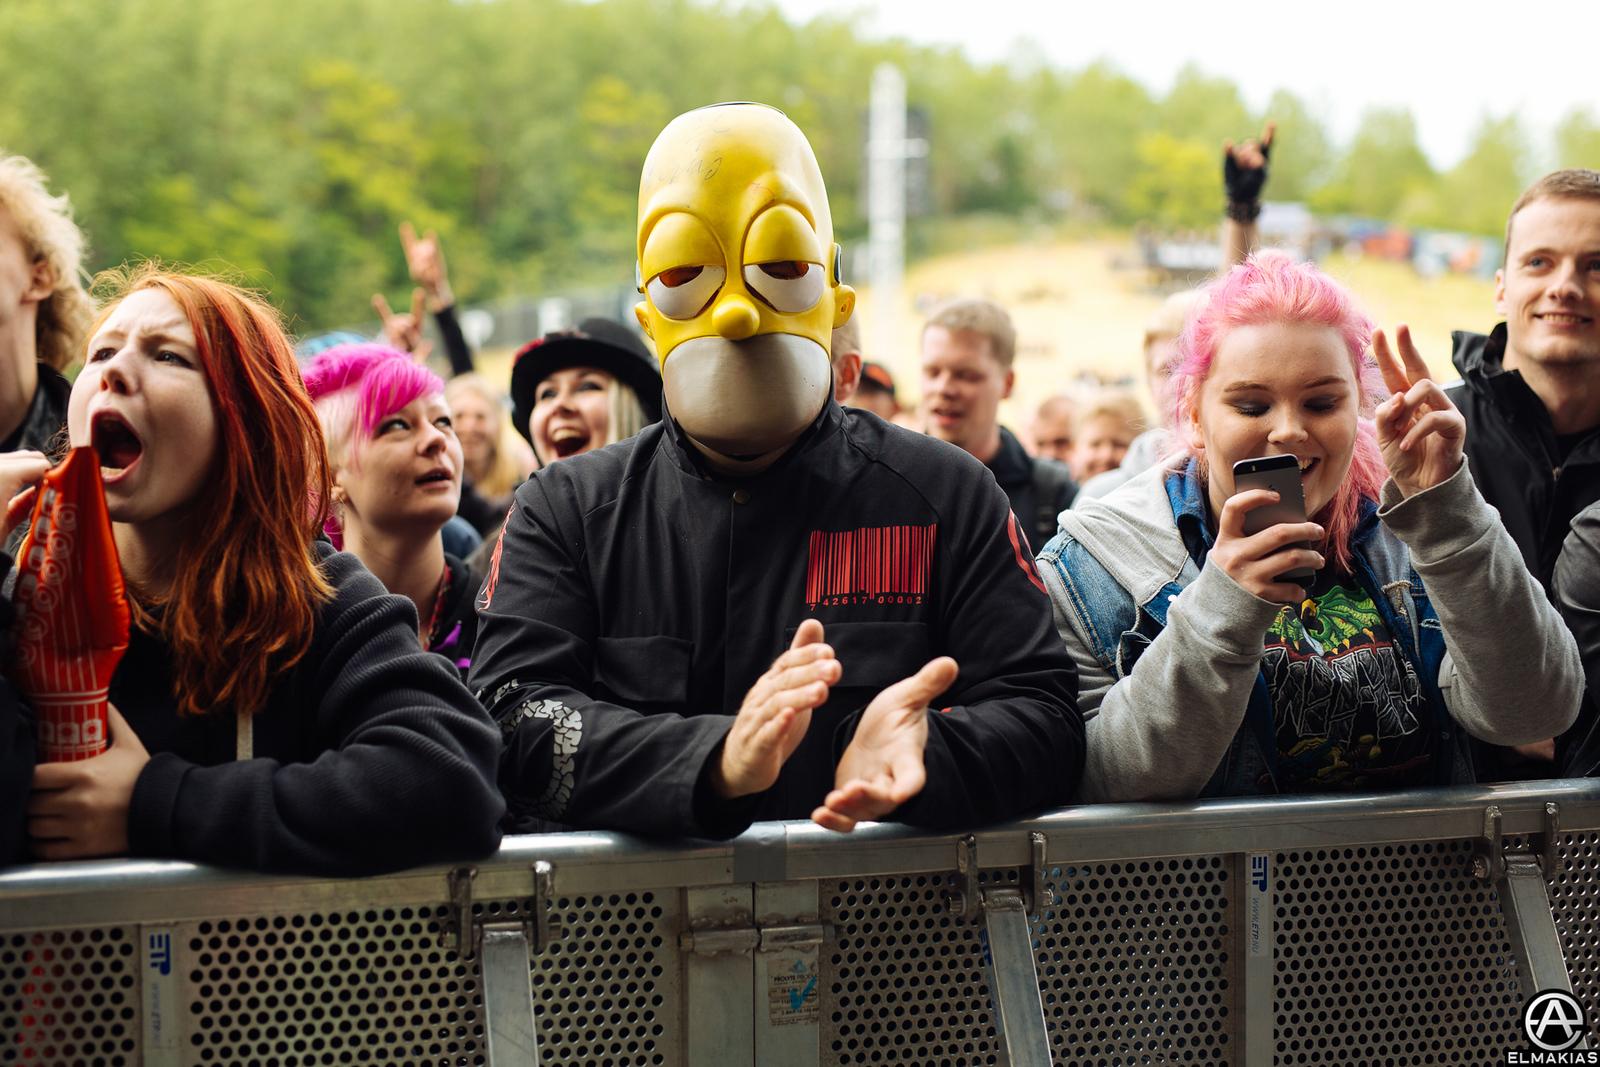 Newest member of Slipknot at Copenhell in Copenhagen, Denmark